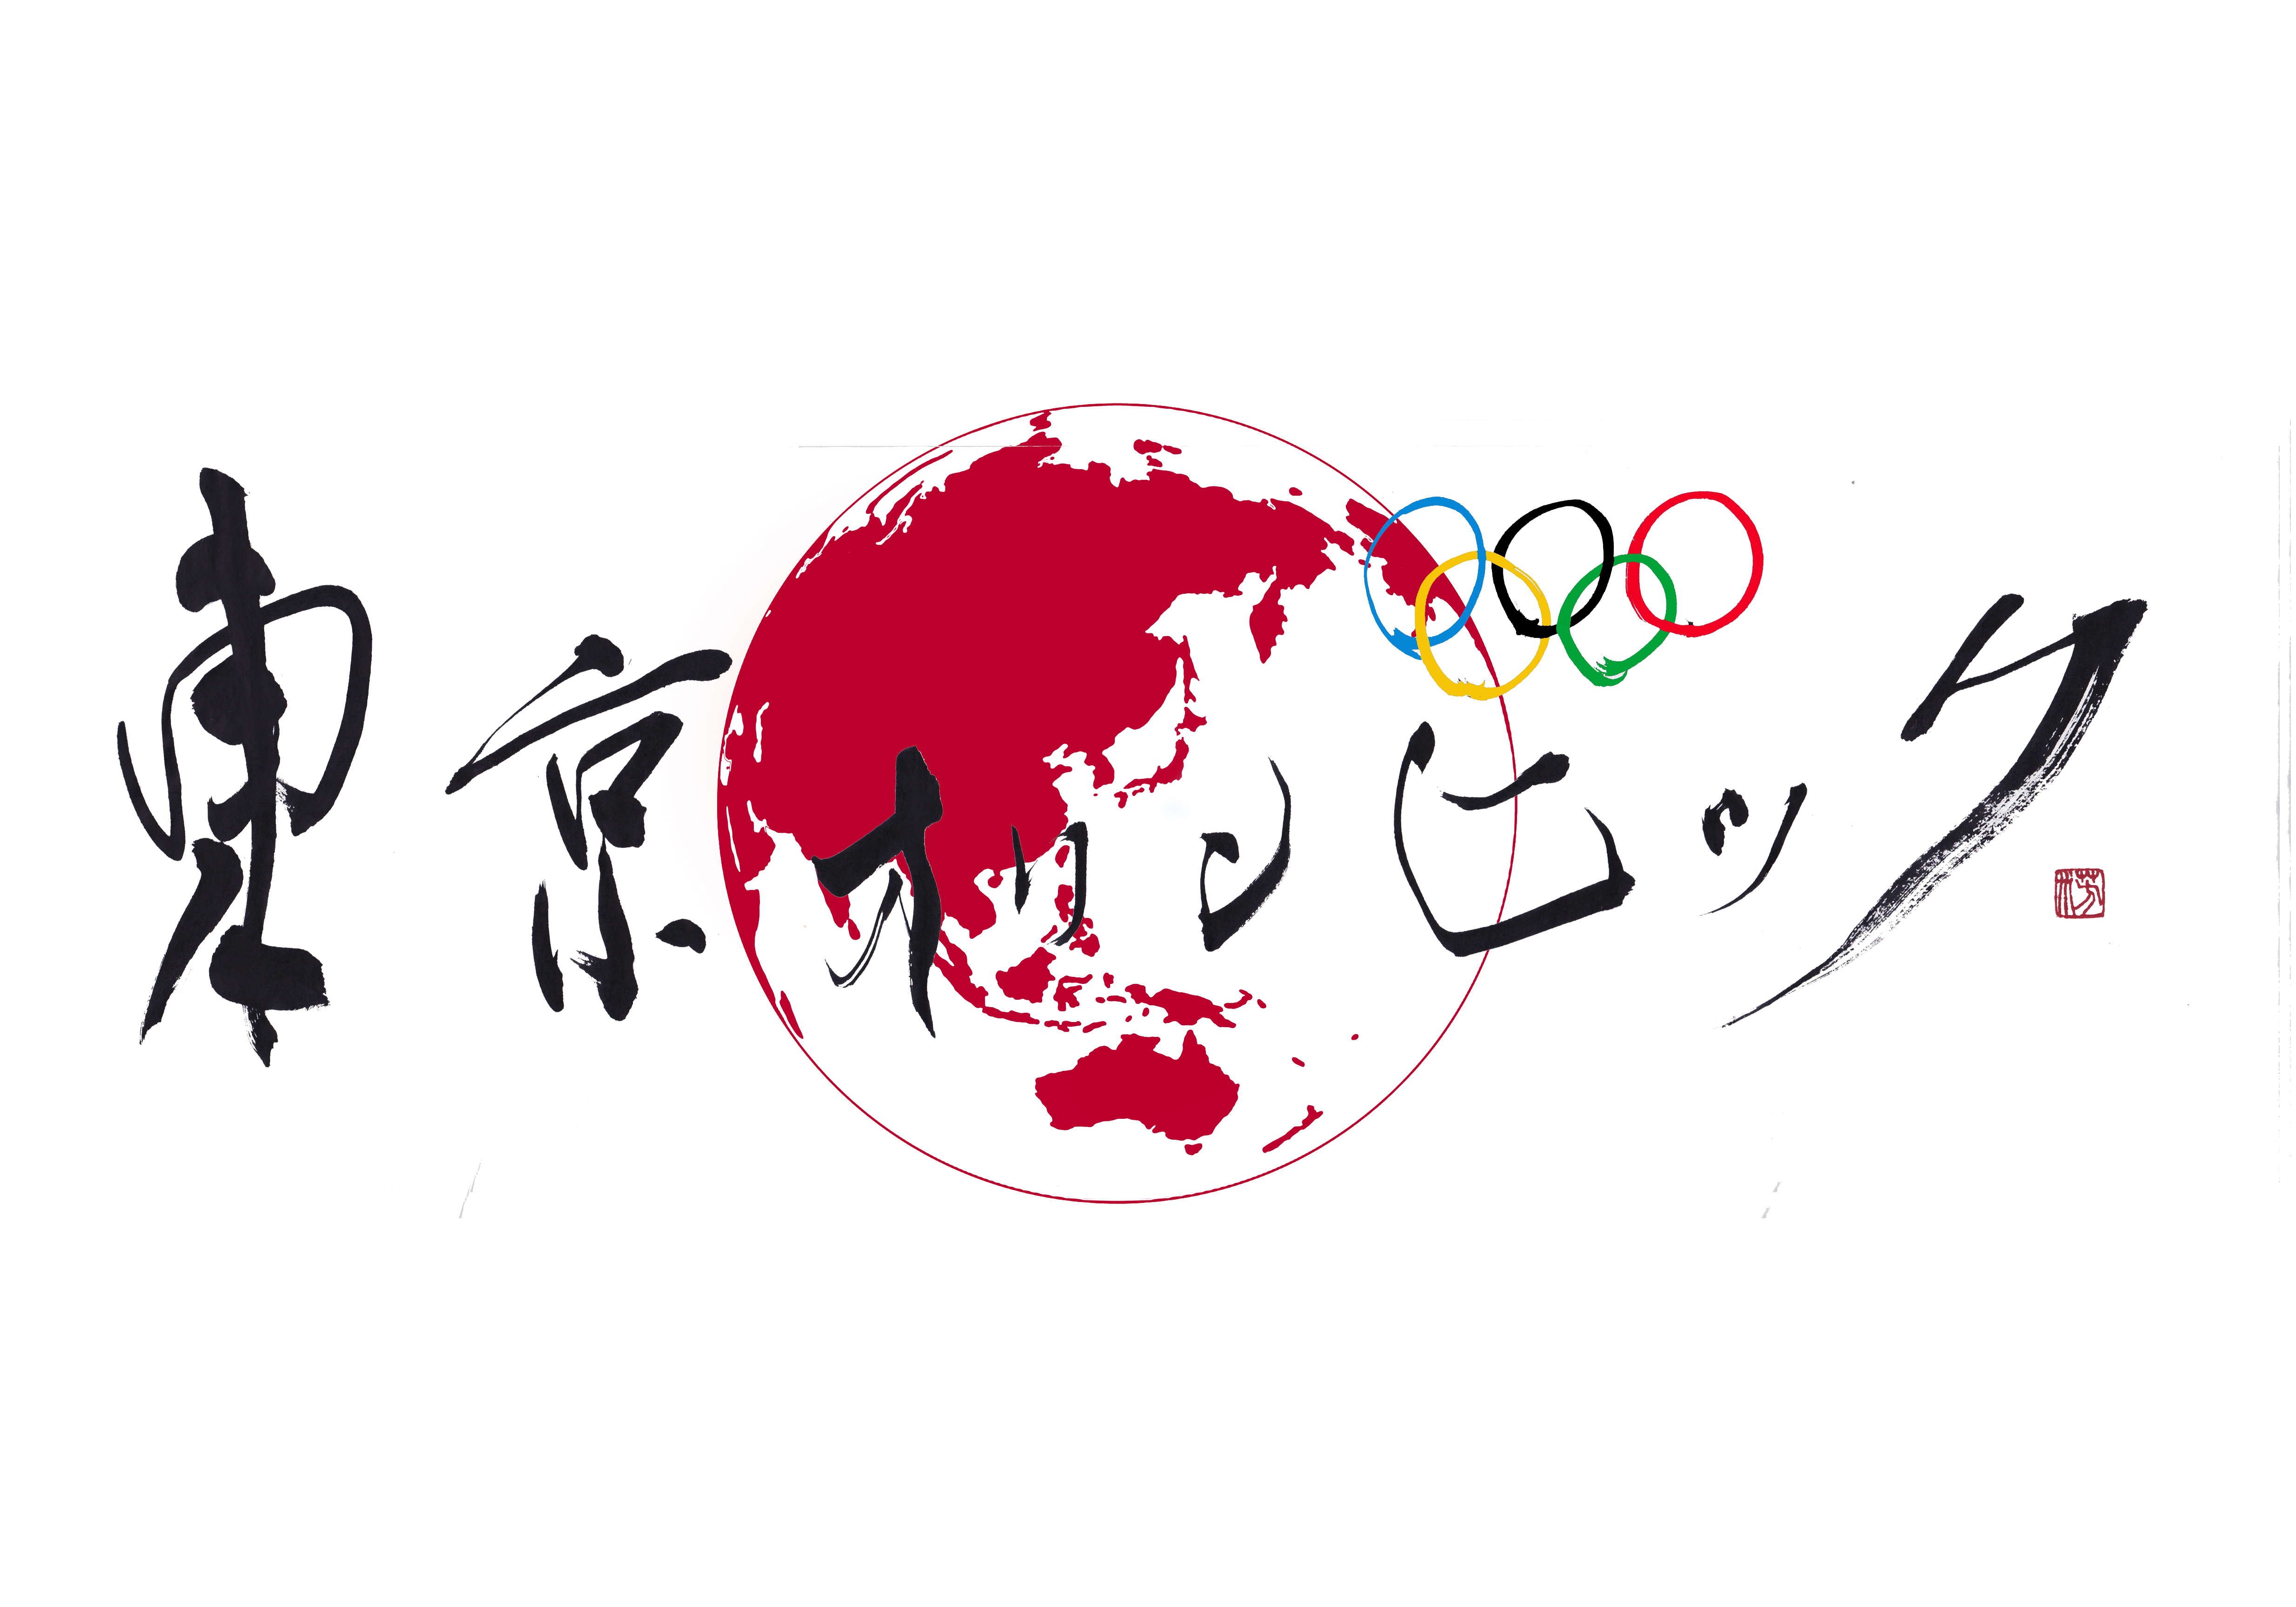 東京オリンピック,TOKYO,2020,ART,DESIGN,書道,Calliraphy